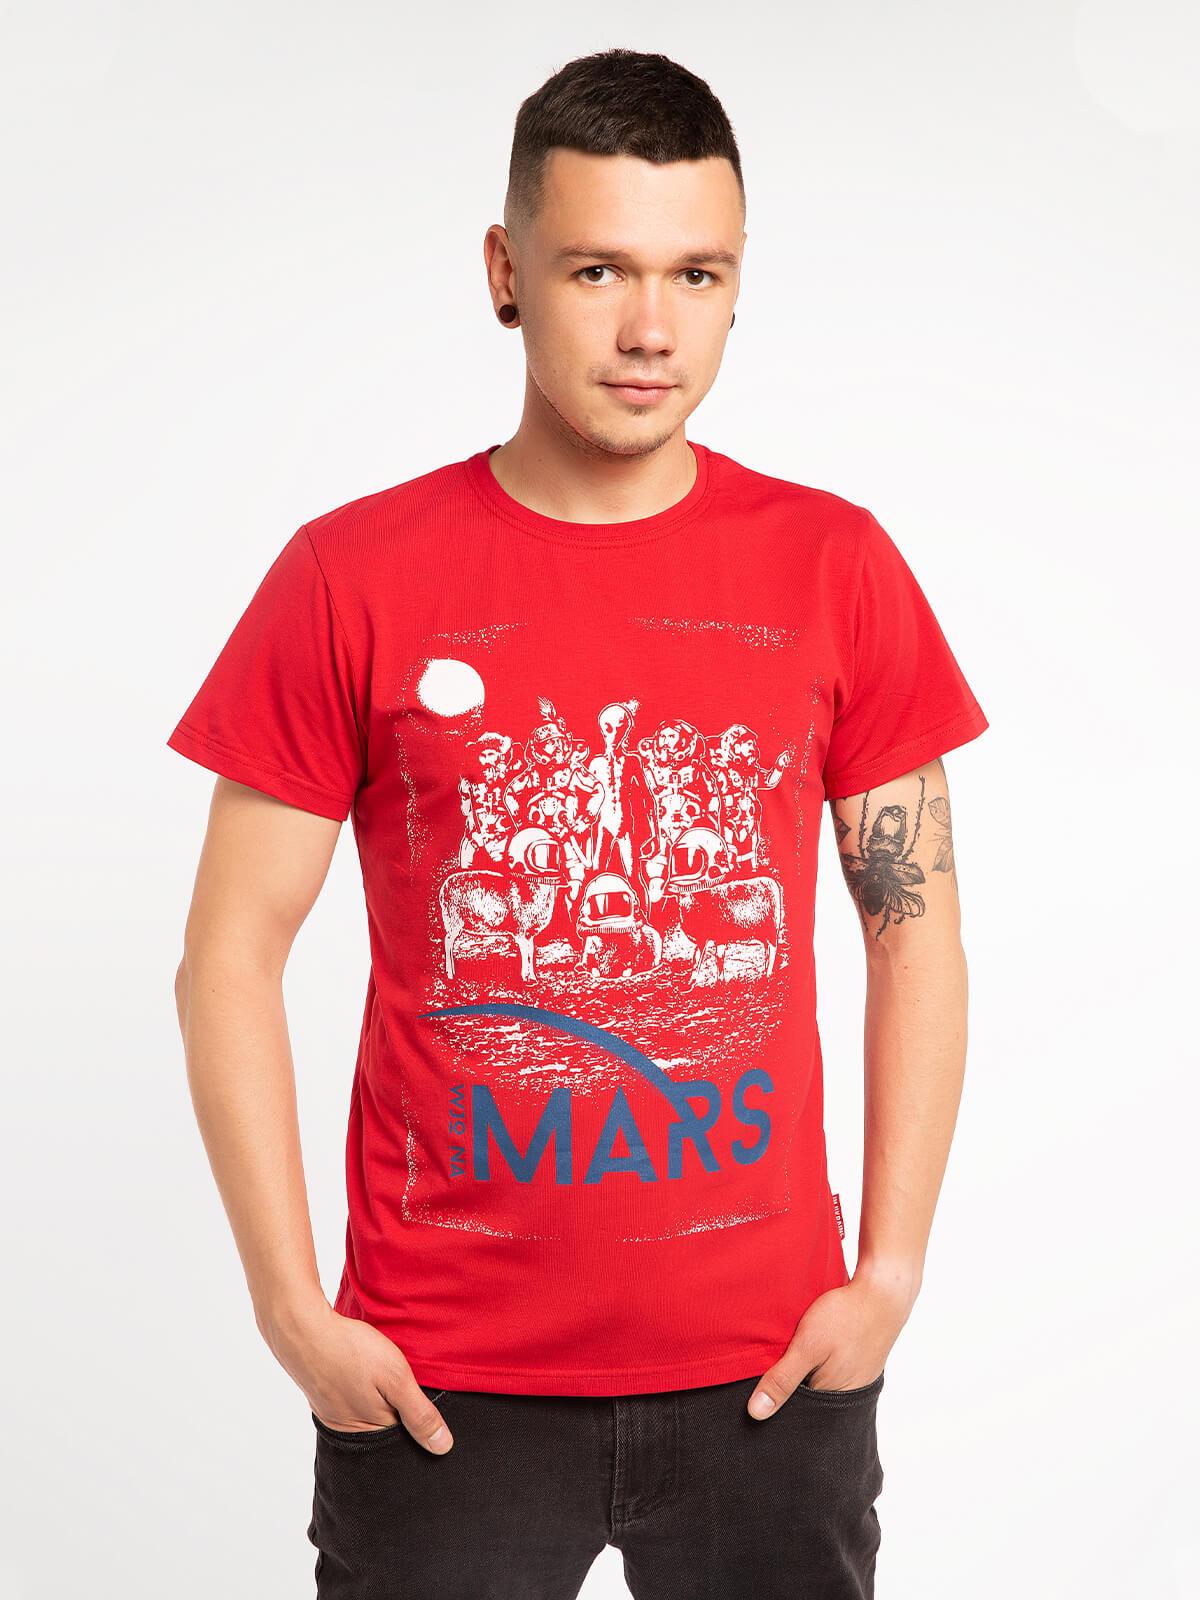 Чоловіча Футболка Mars. Колір червоний. Футболкаунісекс(розміри чоловічі).